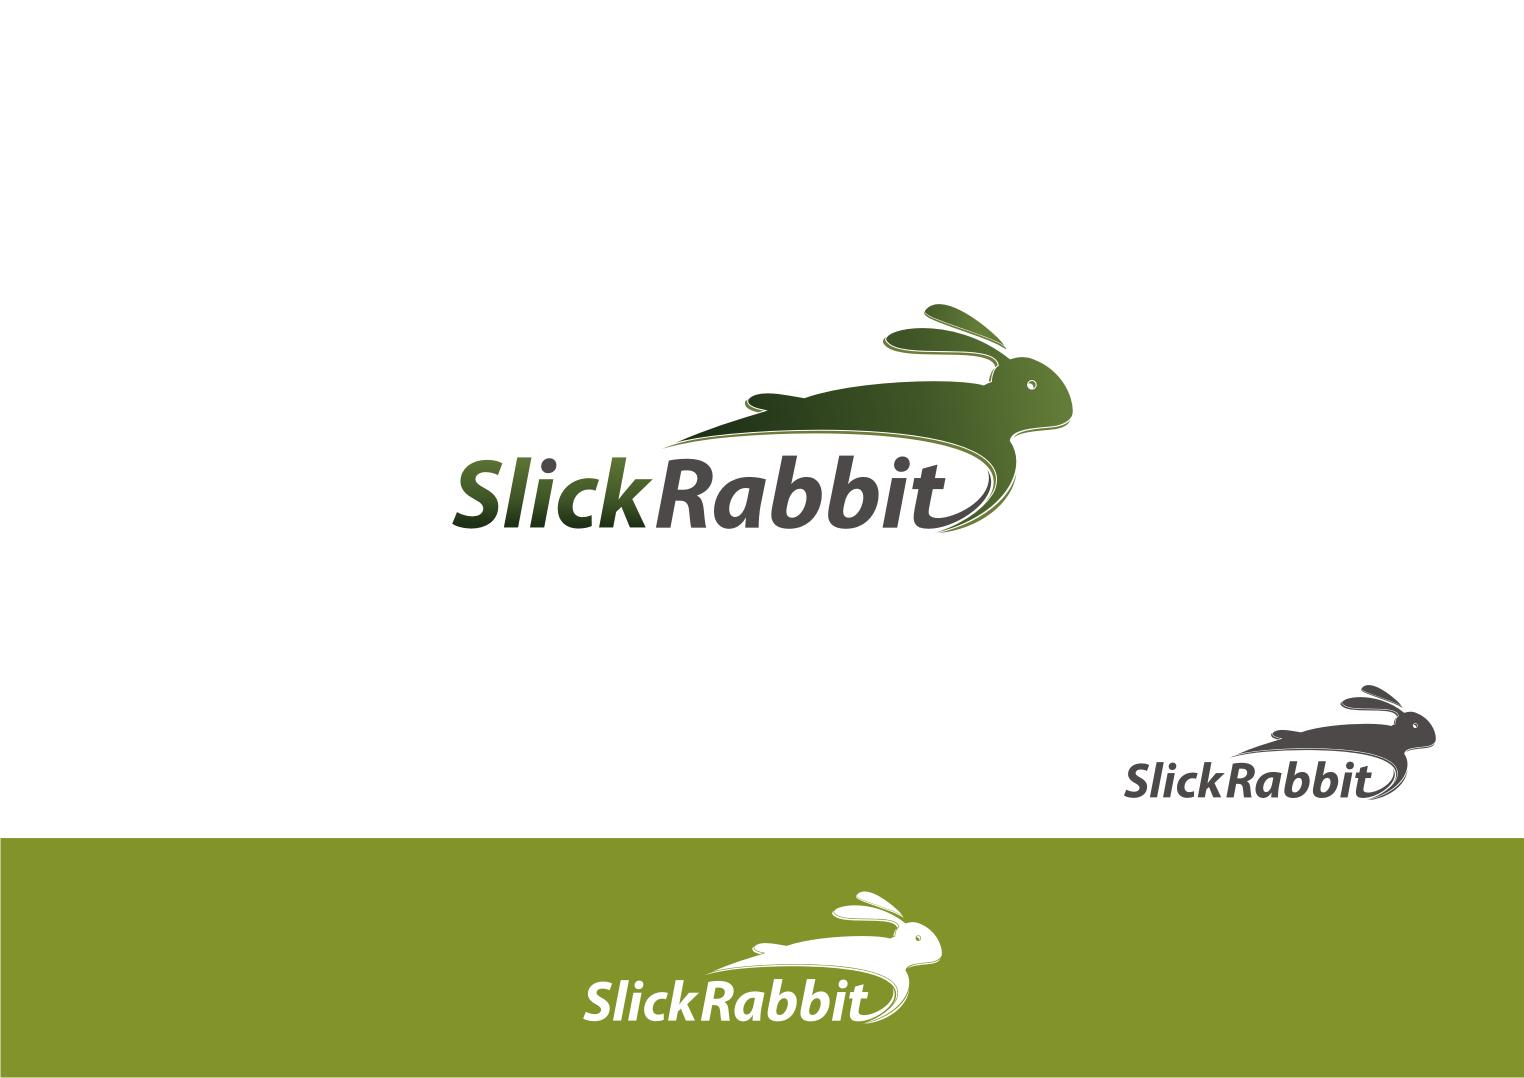 Slick Rabbit, LLC needs a new logo